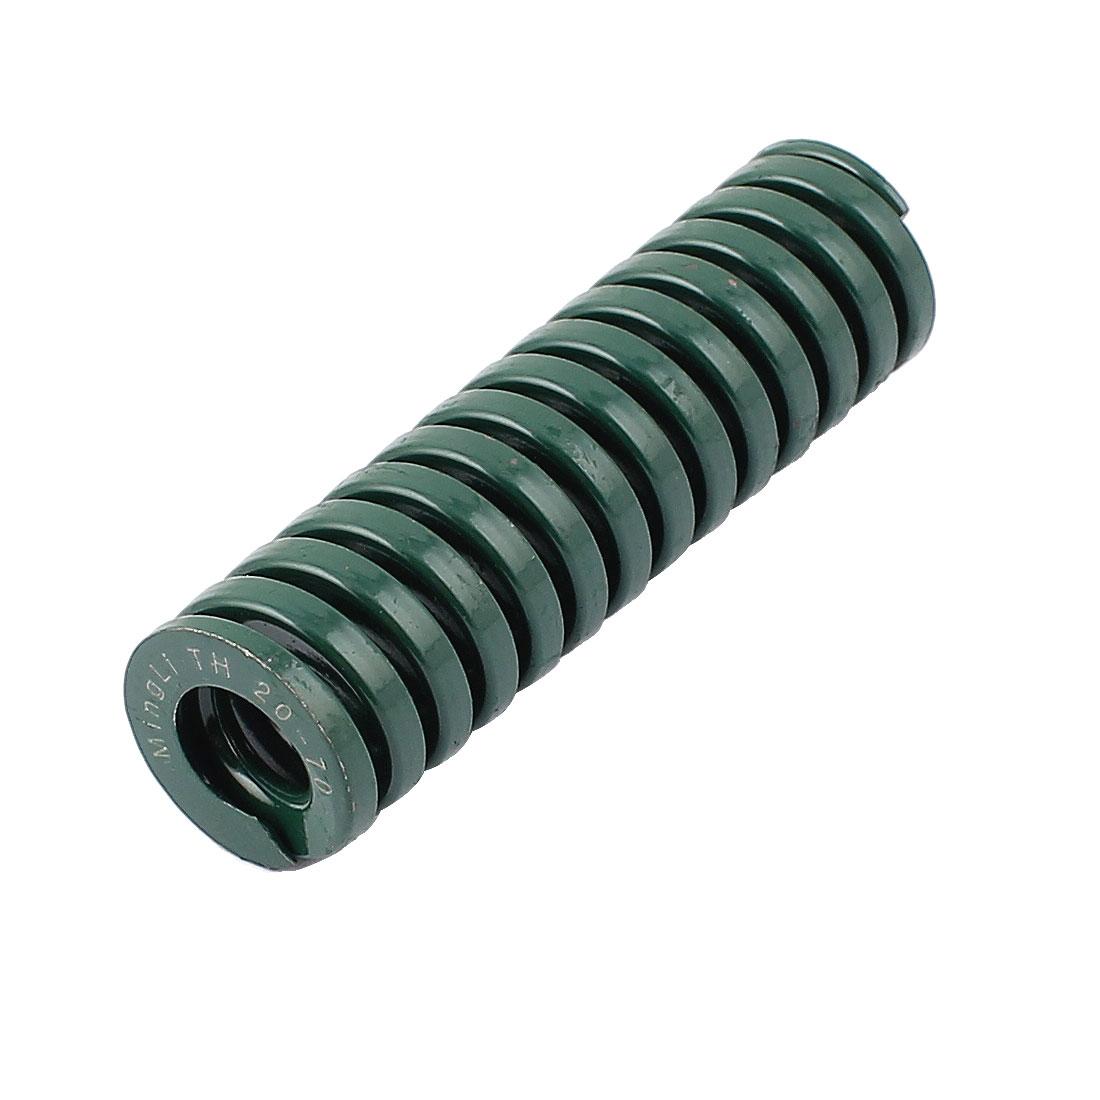 20mmx70mm Chromium Alloy Steel Heavy Load Die Spring Green